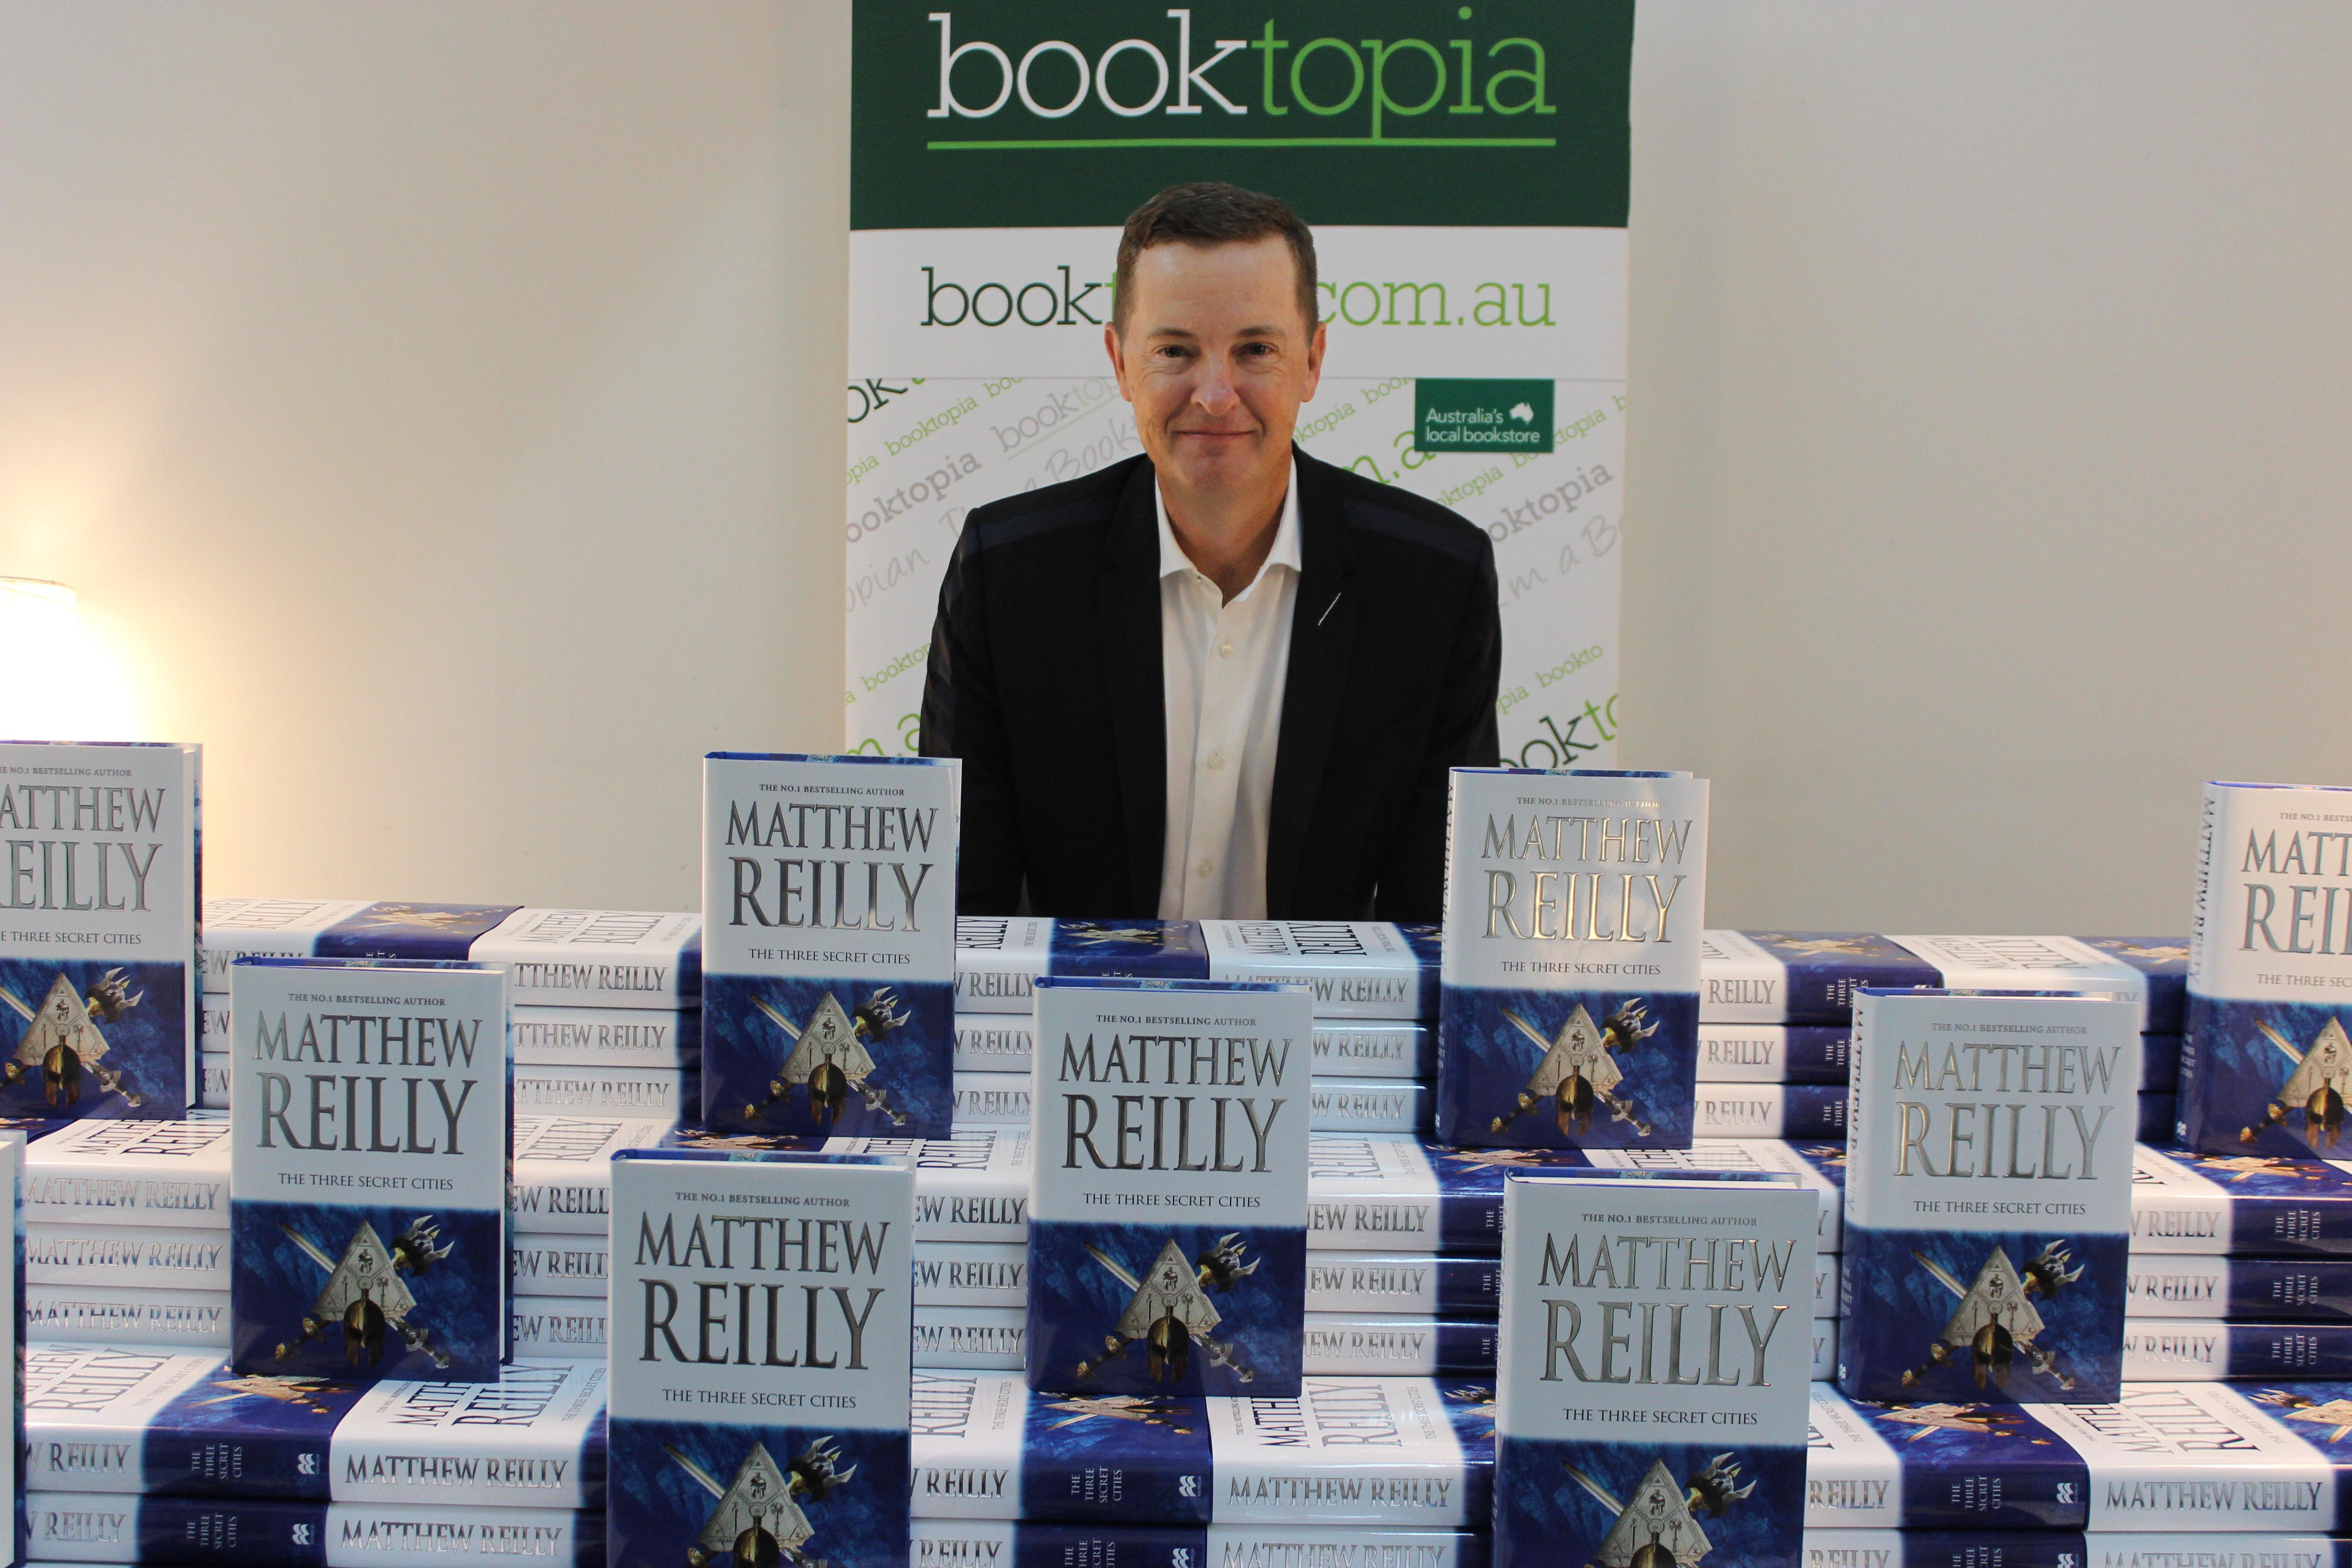 Matthew Reilly